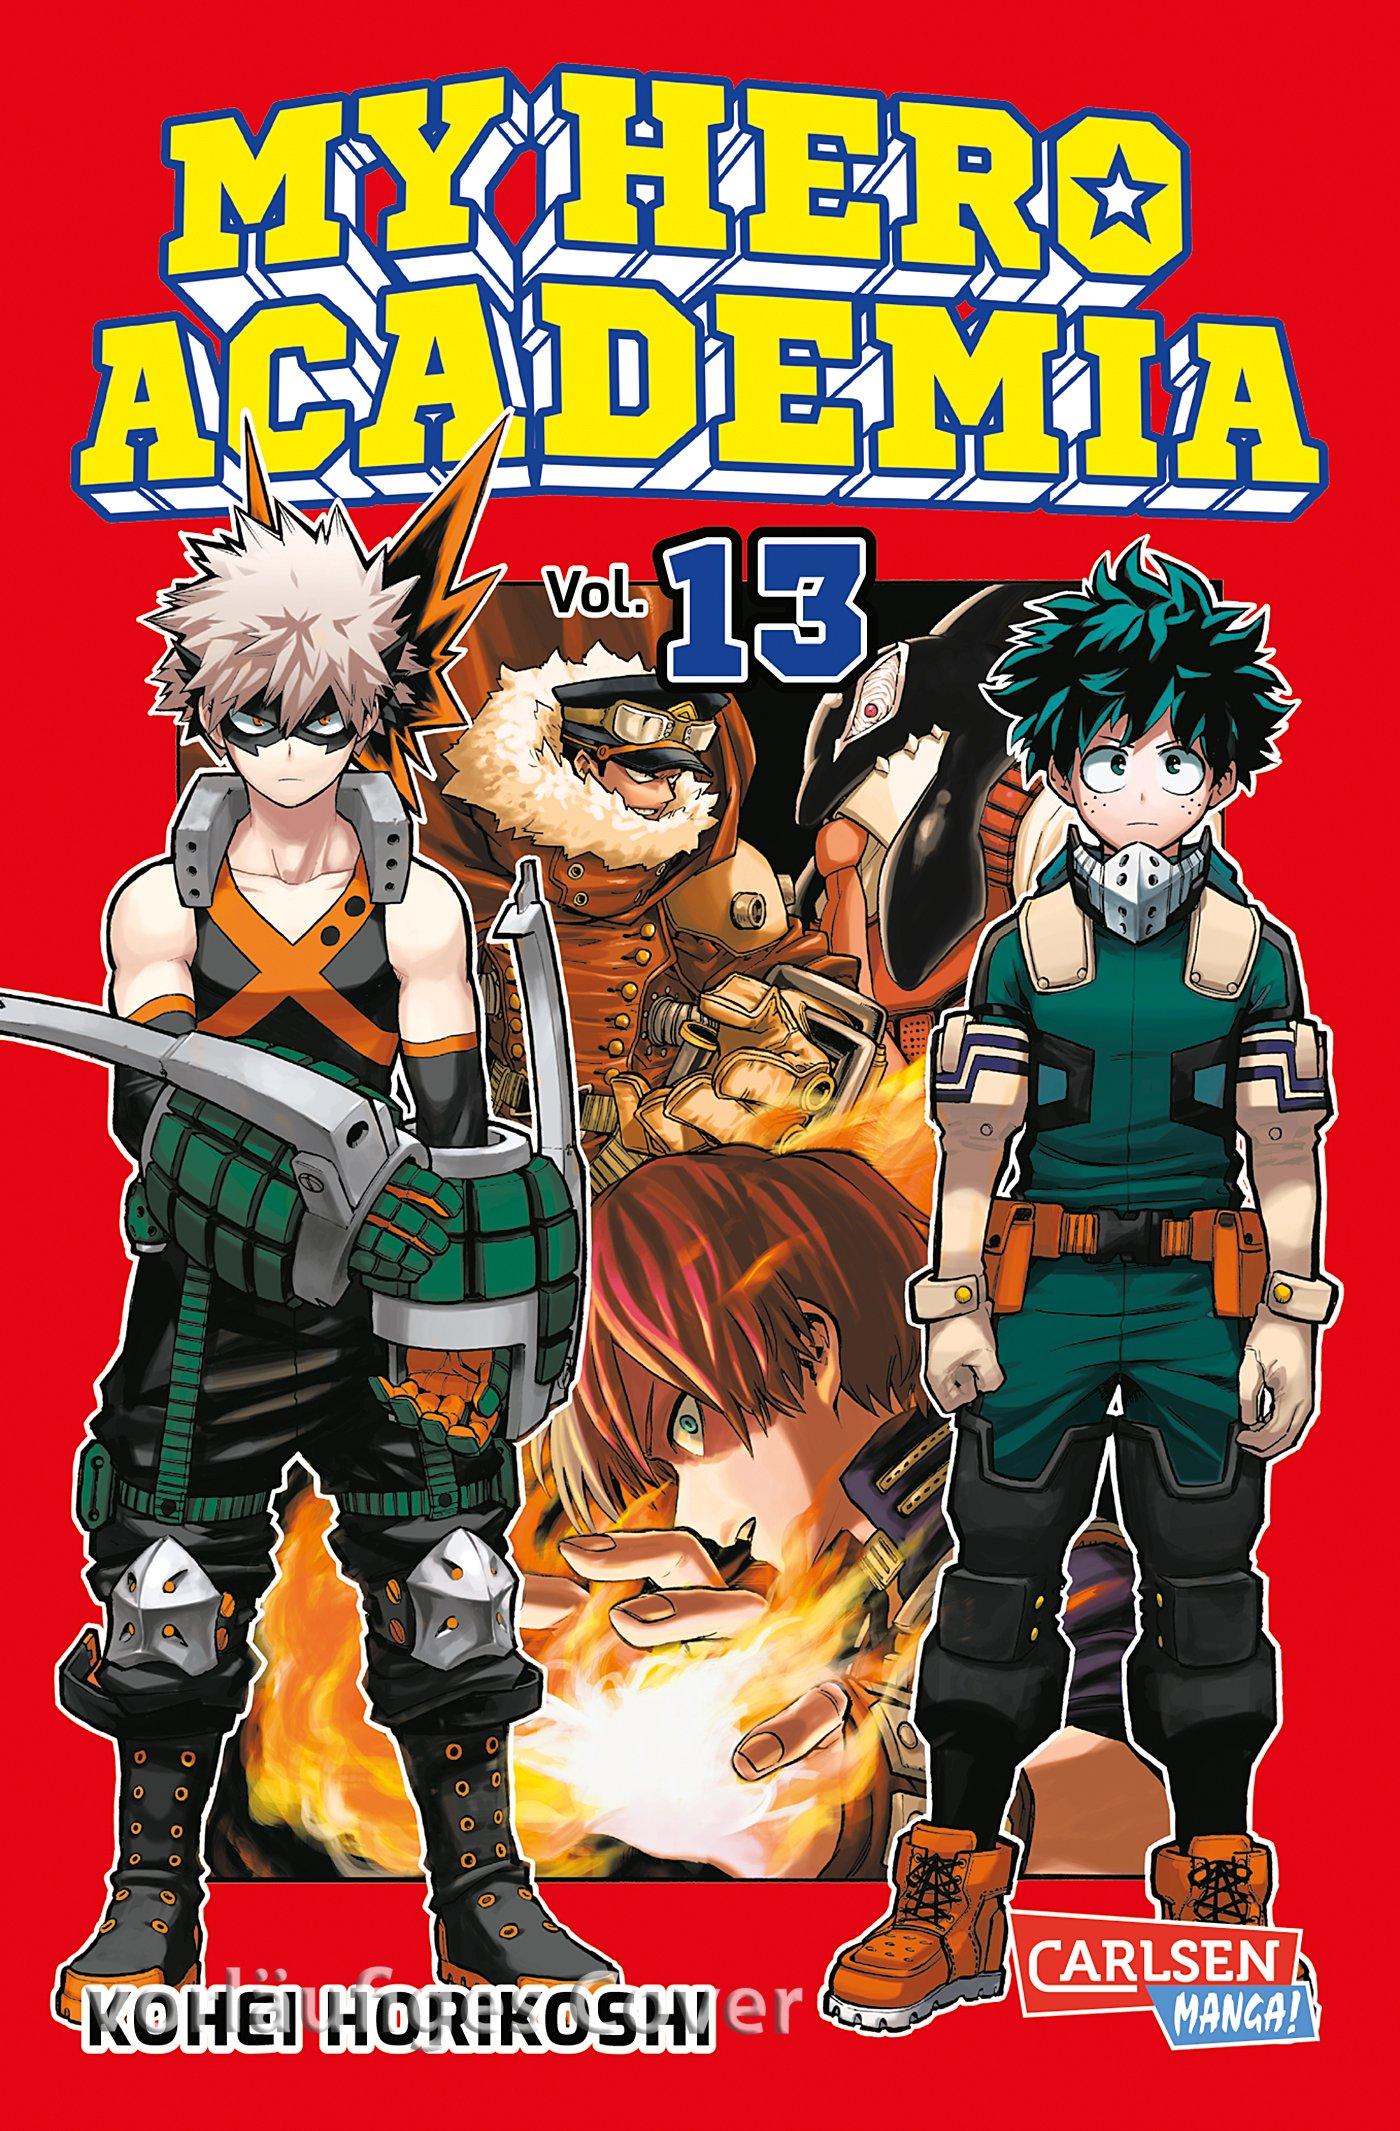 my-hero-academia-13-die-erste-auflage-immer-mit-glow-in-the-dark-effekt-auf-dem-cover-yeah